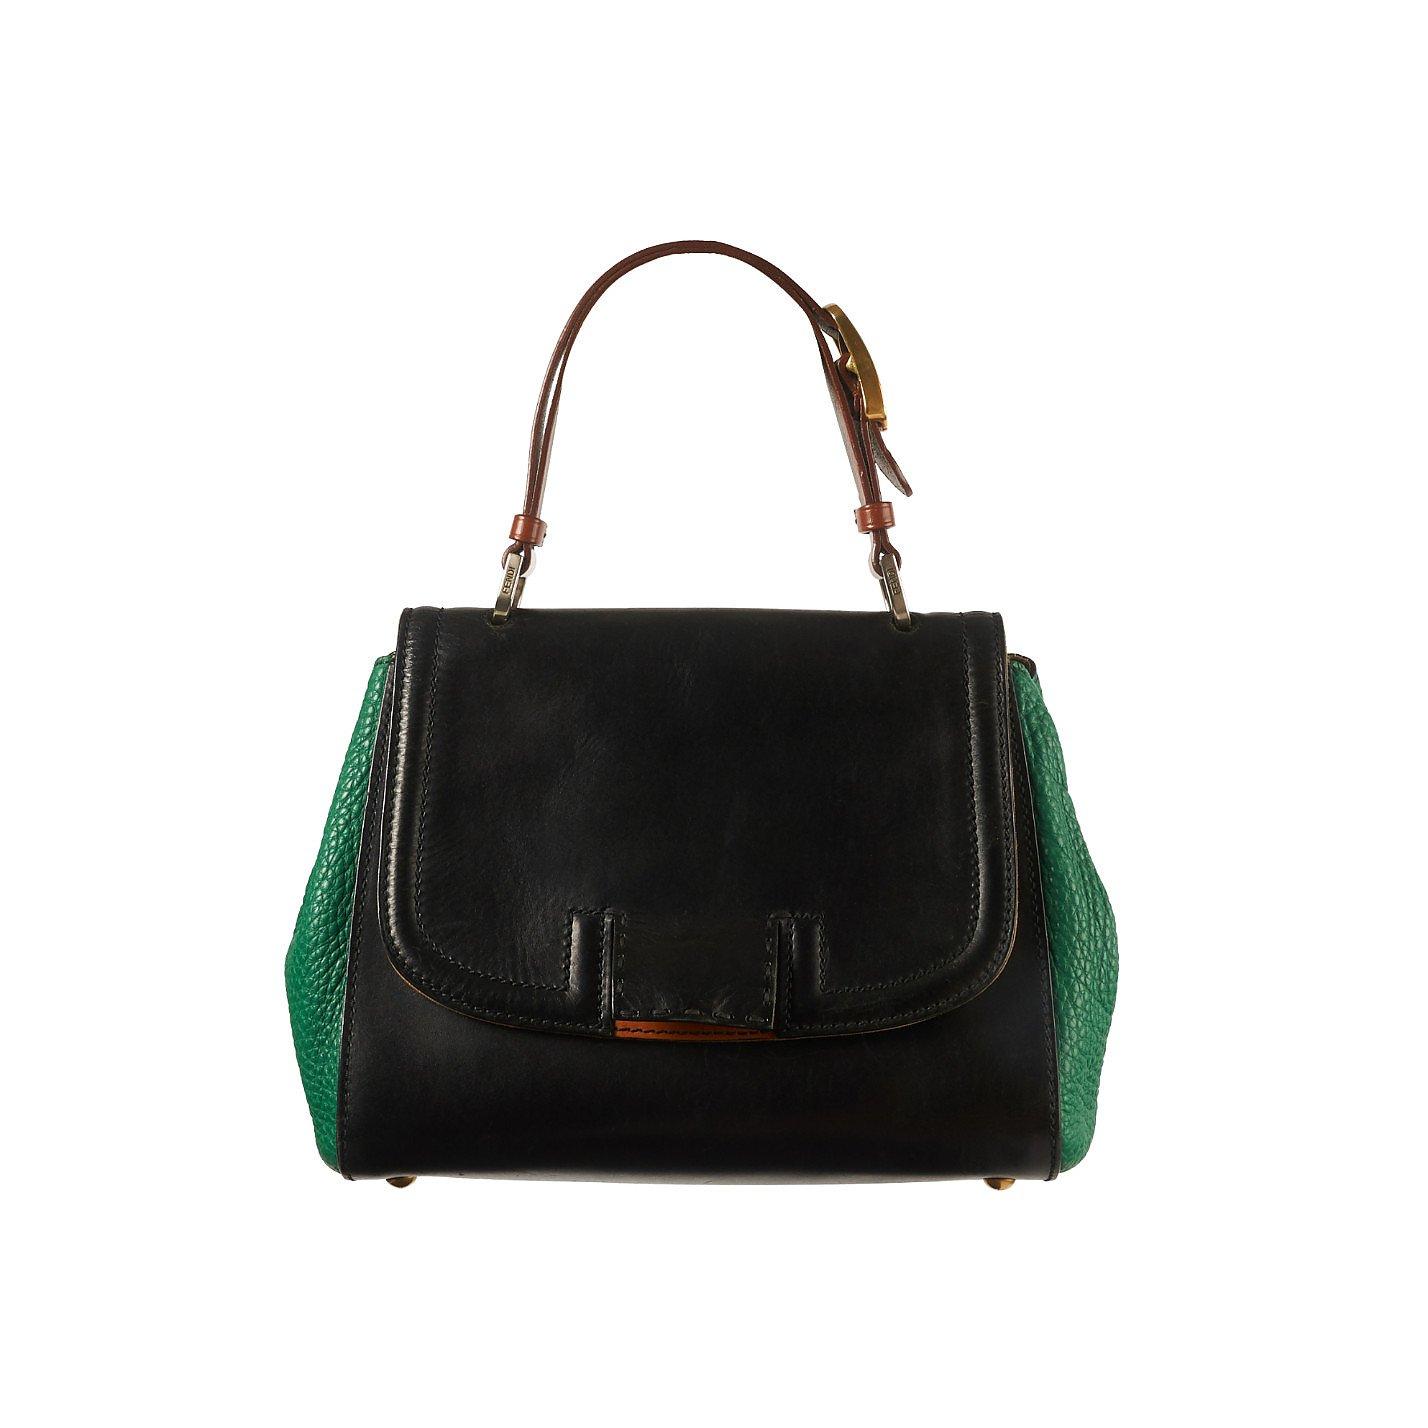 Fendi Silvana Top Handle Leather Shoulder Bag